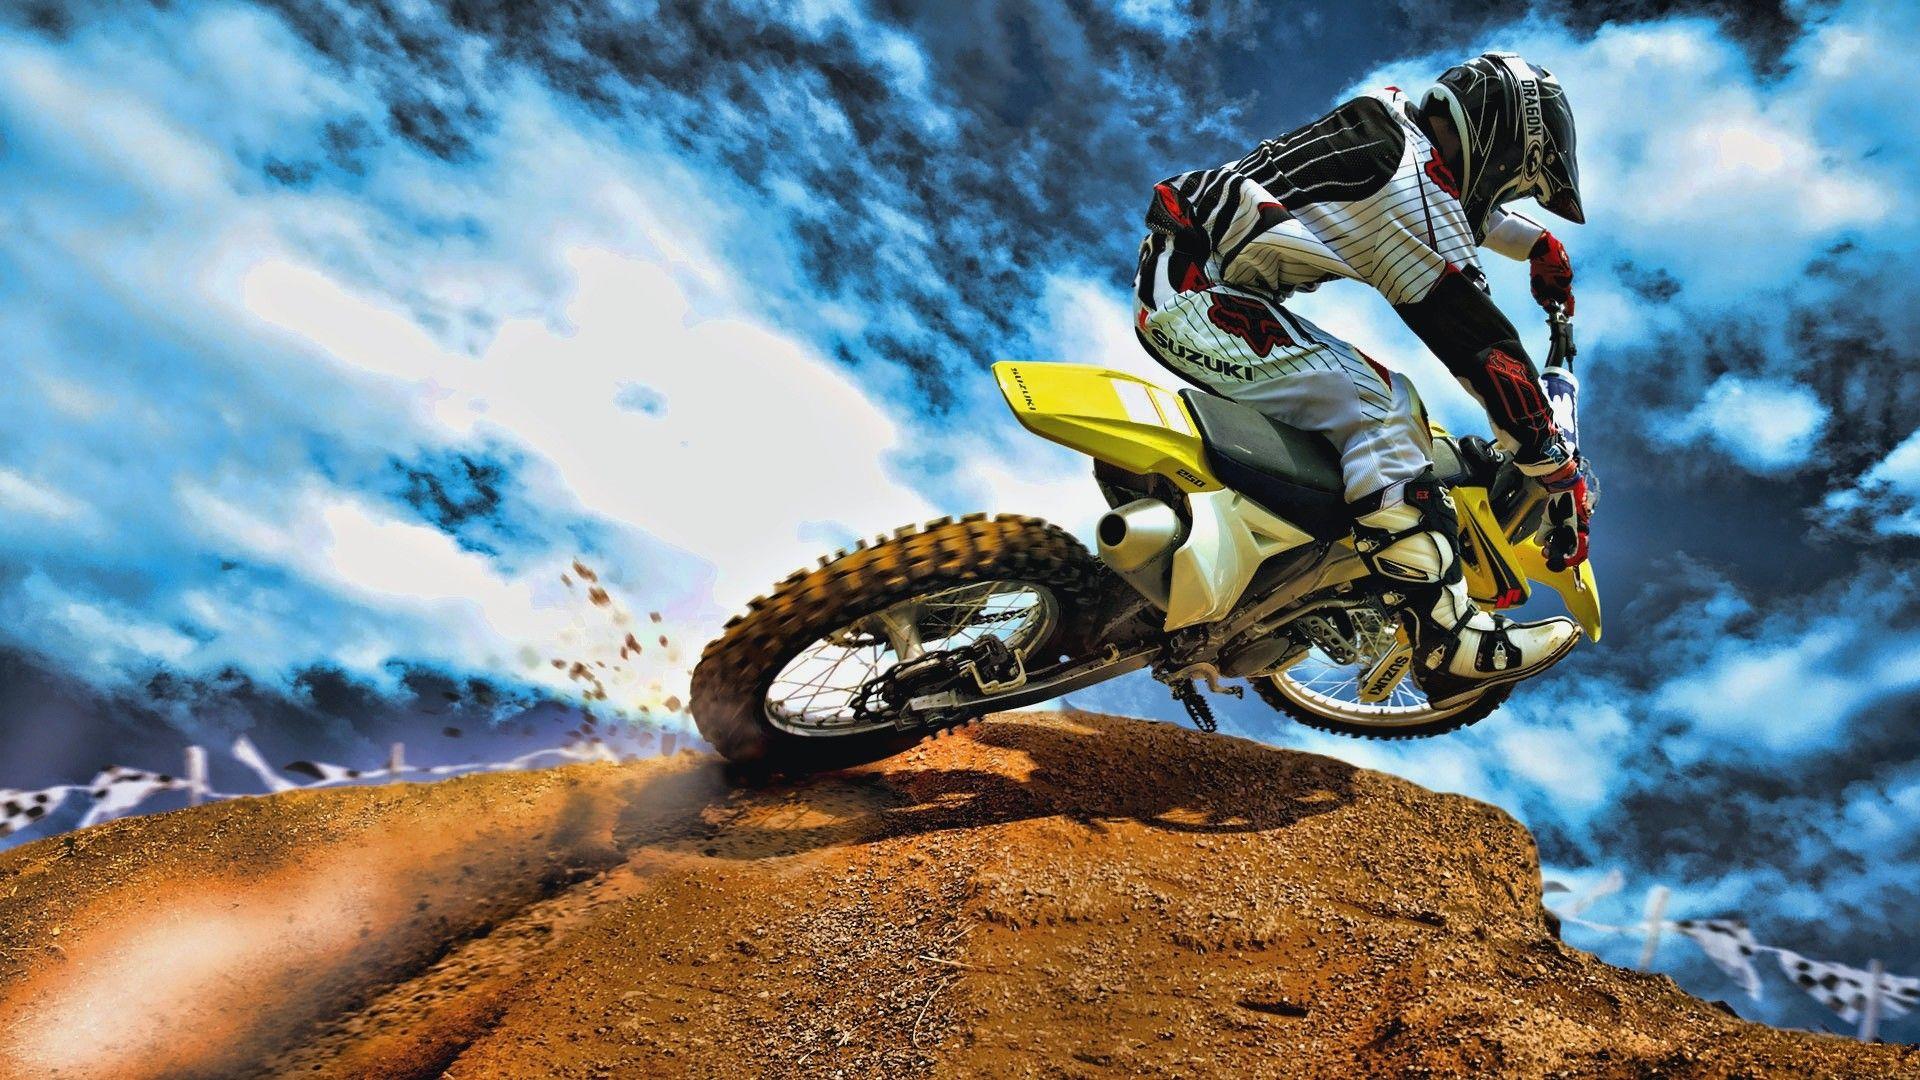 Motocross Wallpapers Hd Motocross Motocross Bikes Dirt Bikes